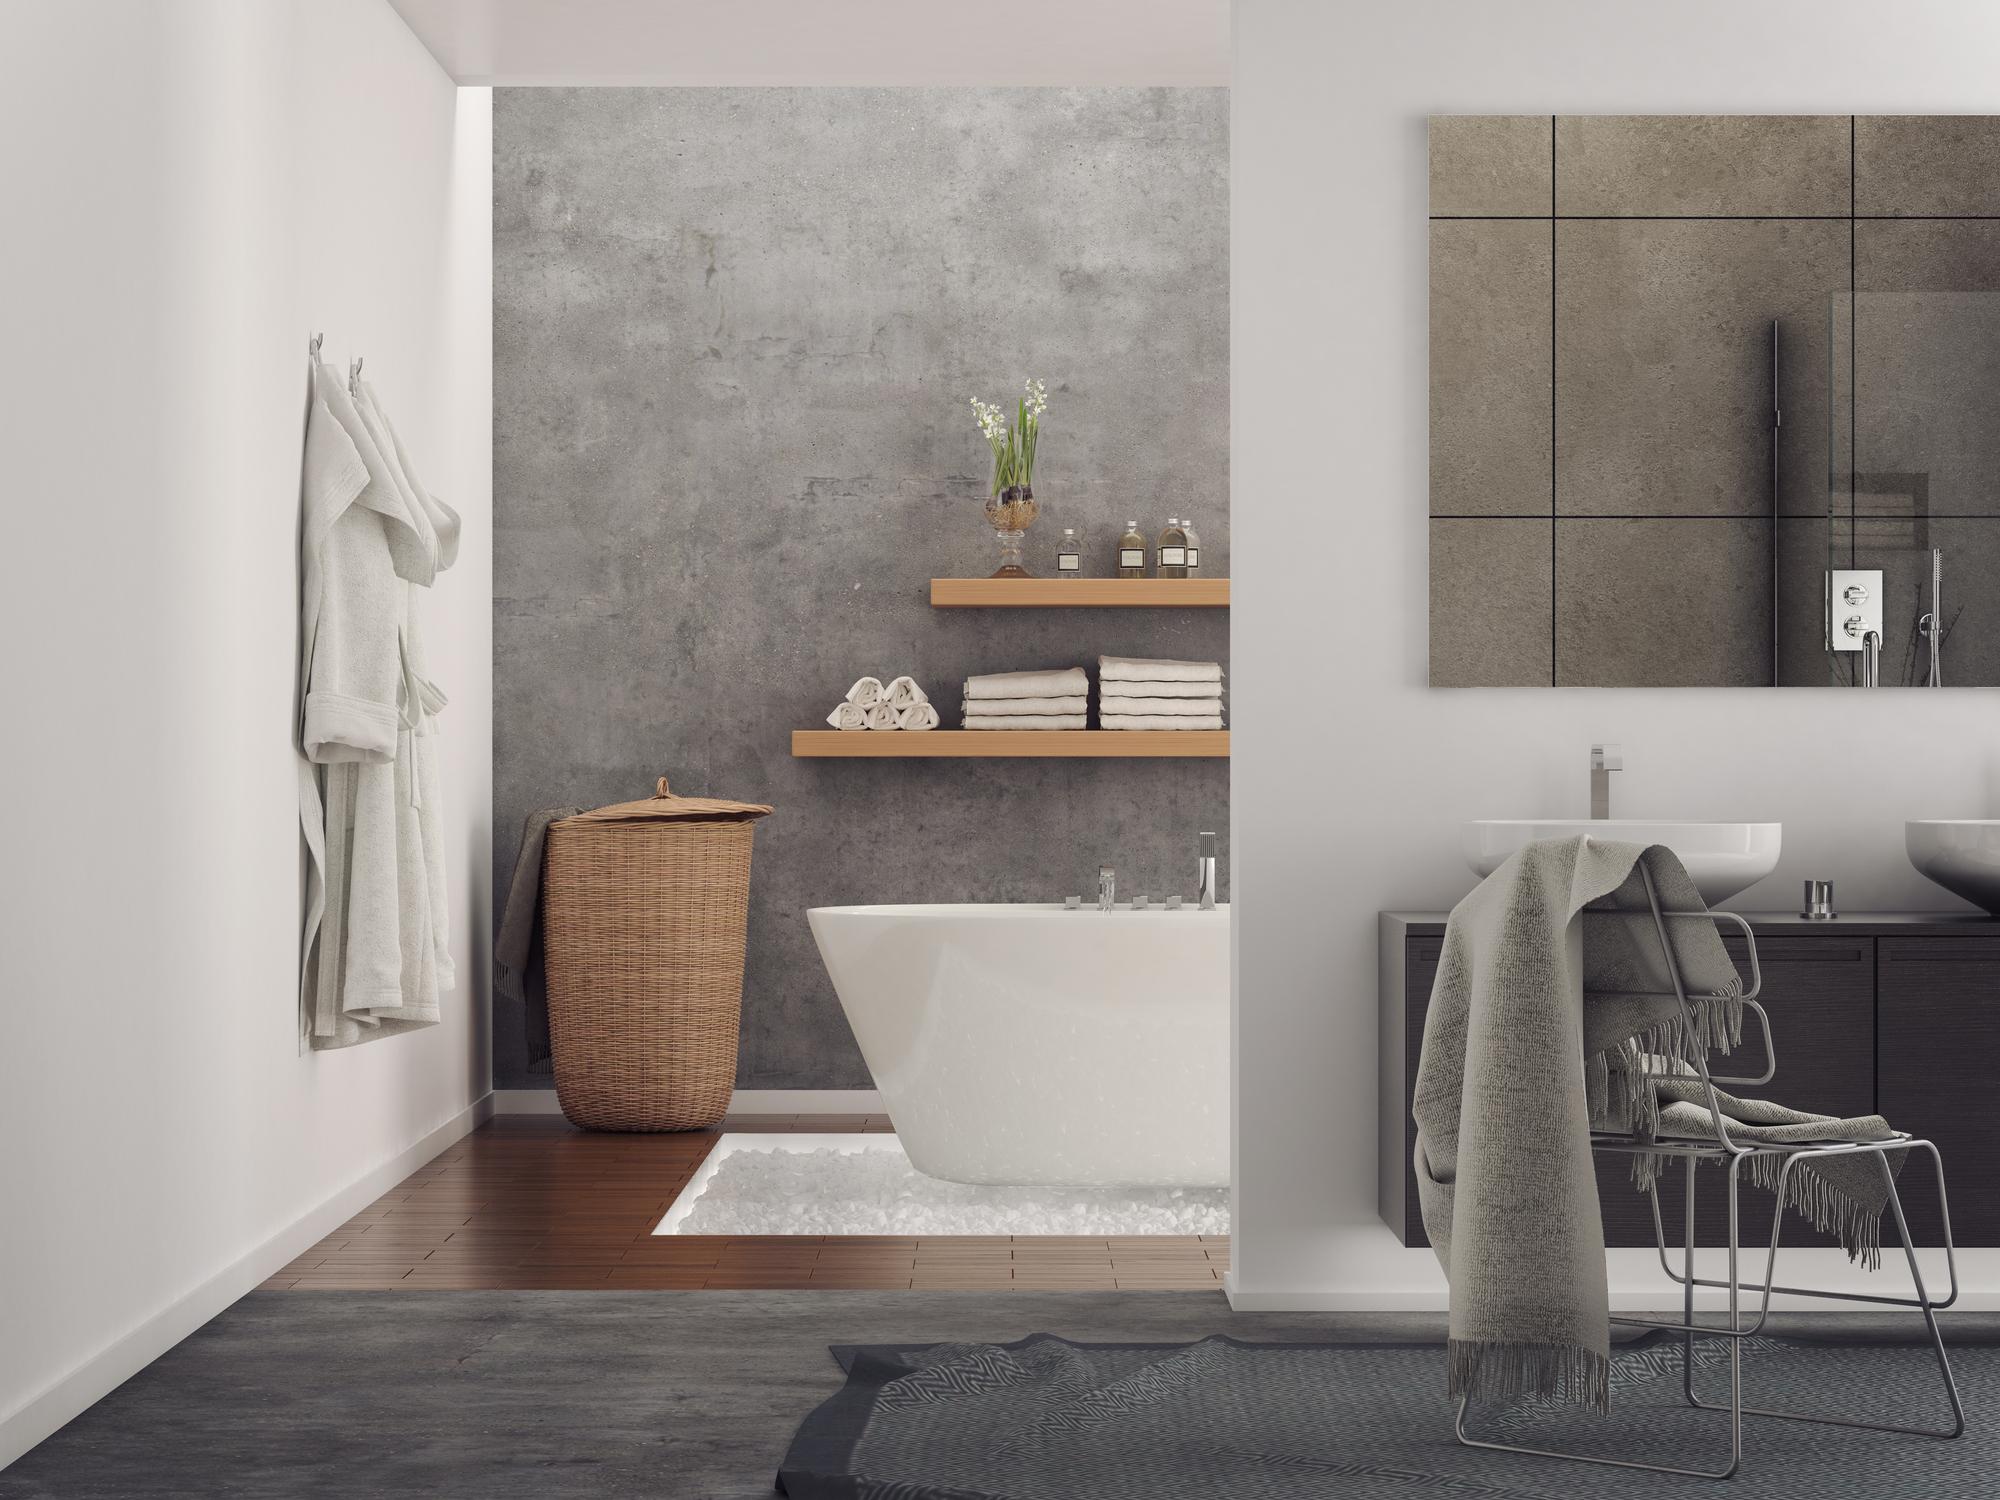 Ventilatie Badkamer Muur : Badkamer schilderen zie prijzen nuttige tips homedeal